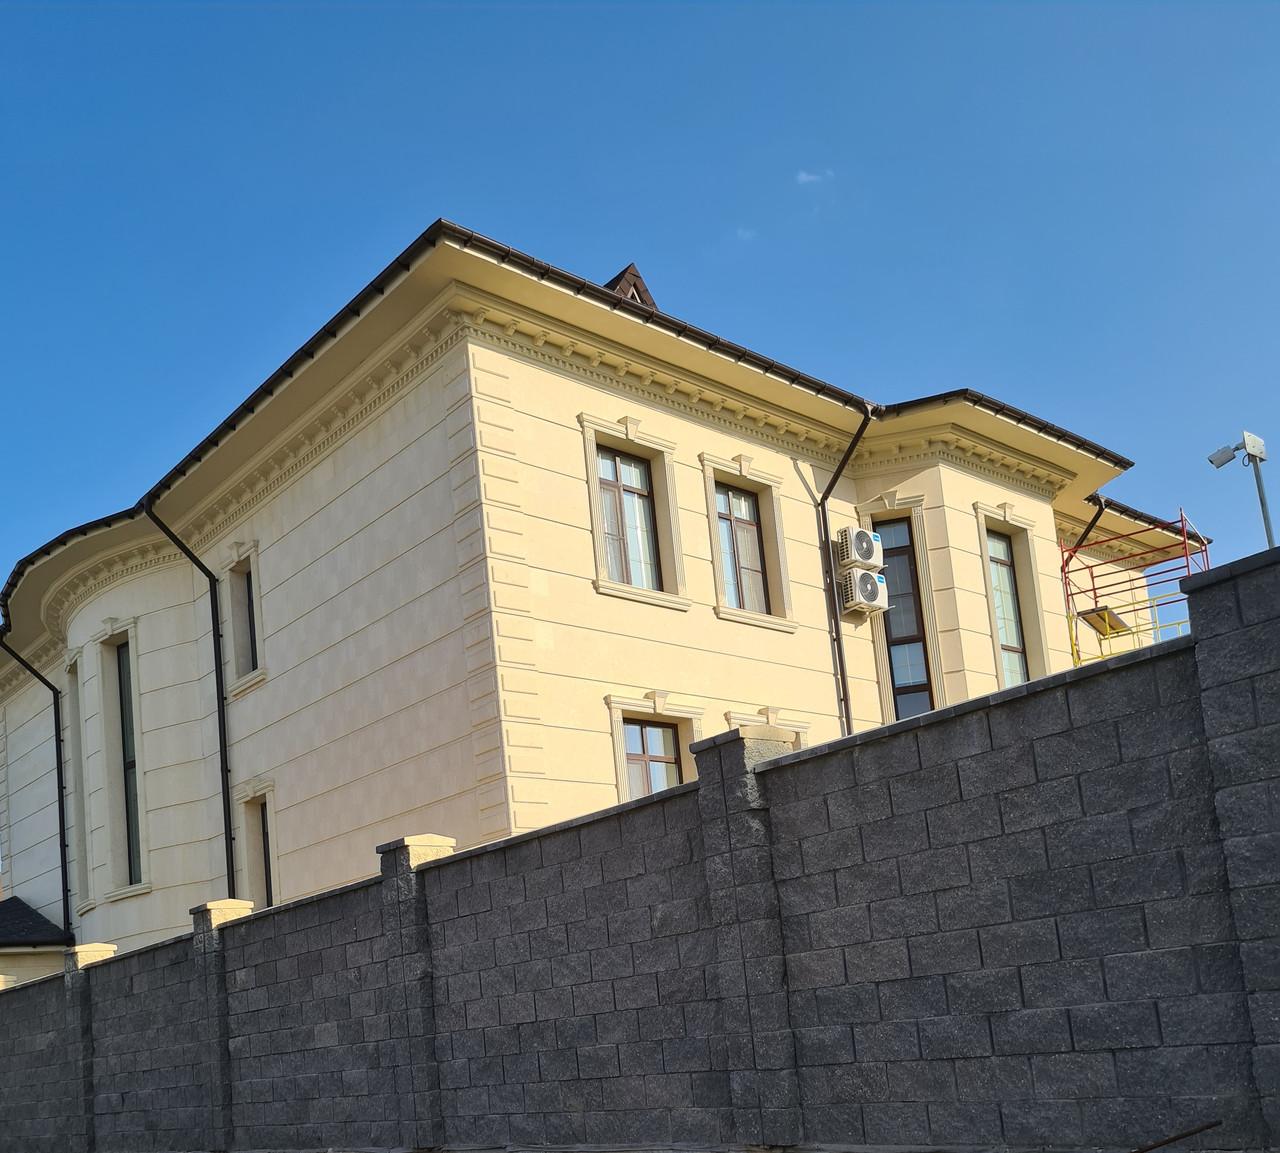 Декор для фасада армированный пенопласт обрамление окон карнизы колонны Пилястра угловые элементы - фото 8